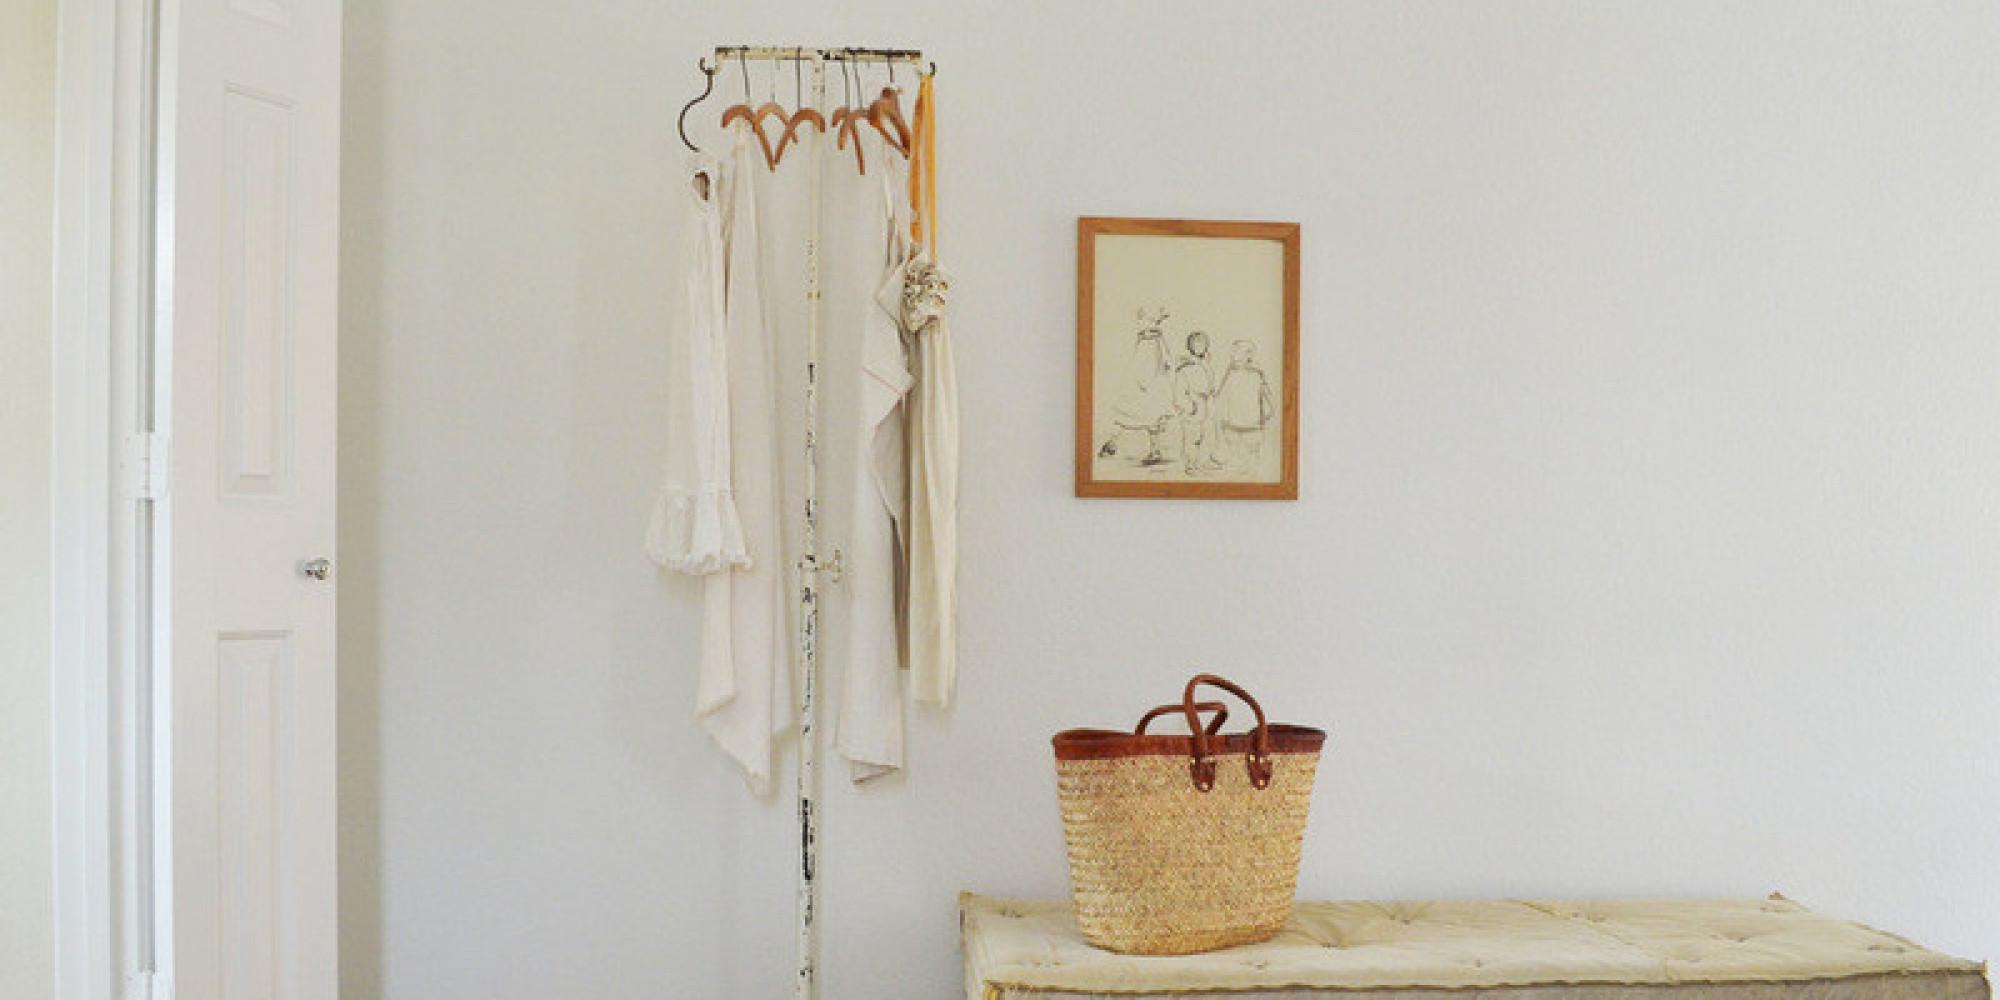 Vivere senza un armadio per i vestiti è possibile. Houzz spiega ...